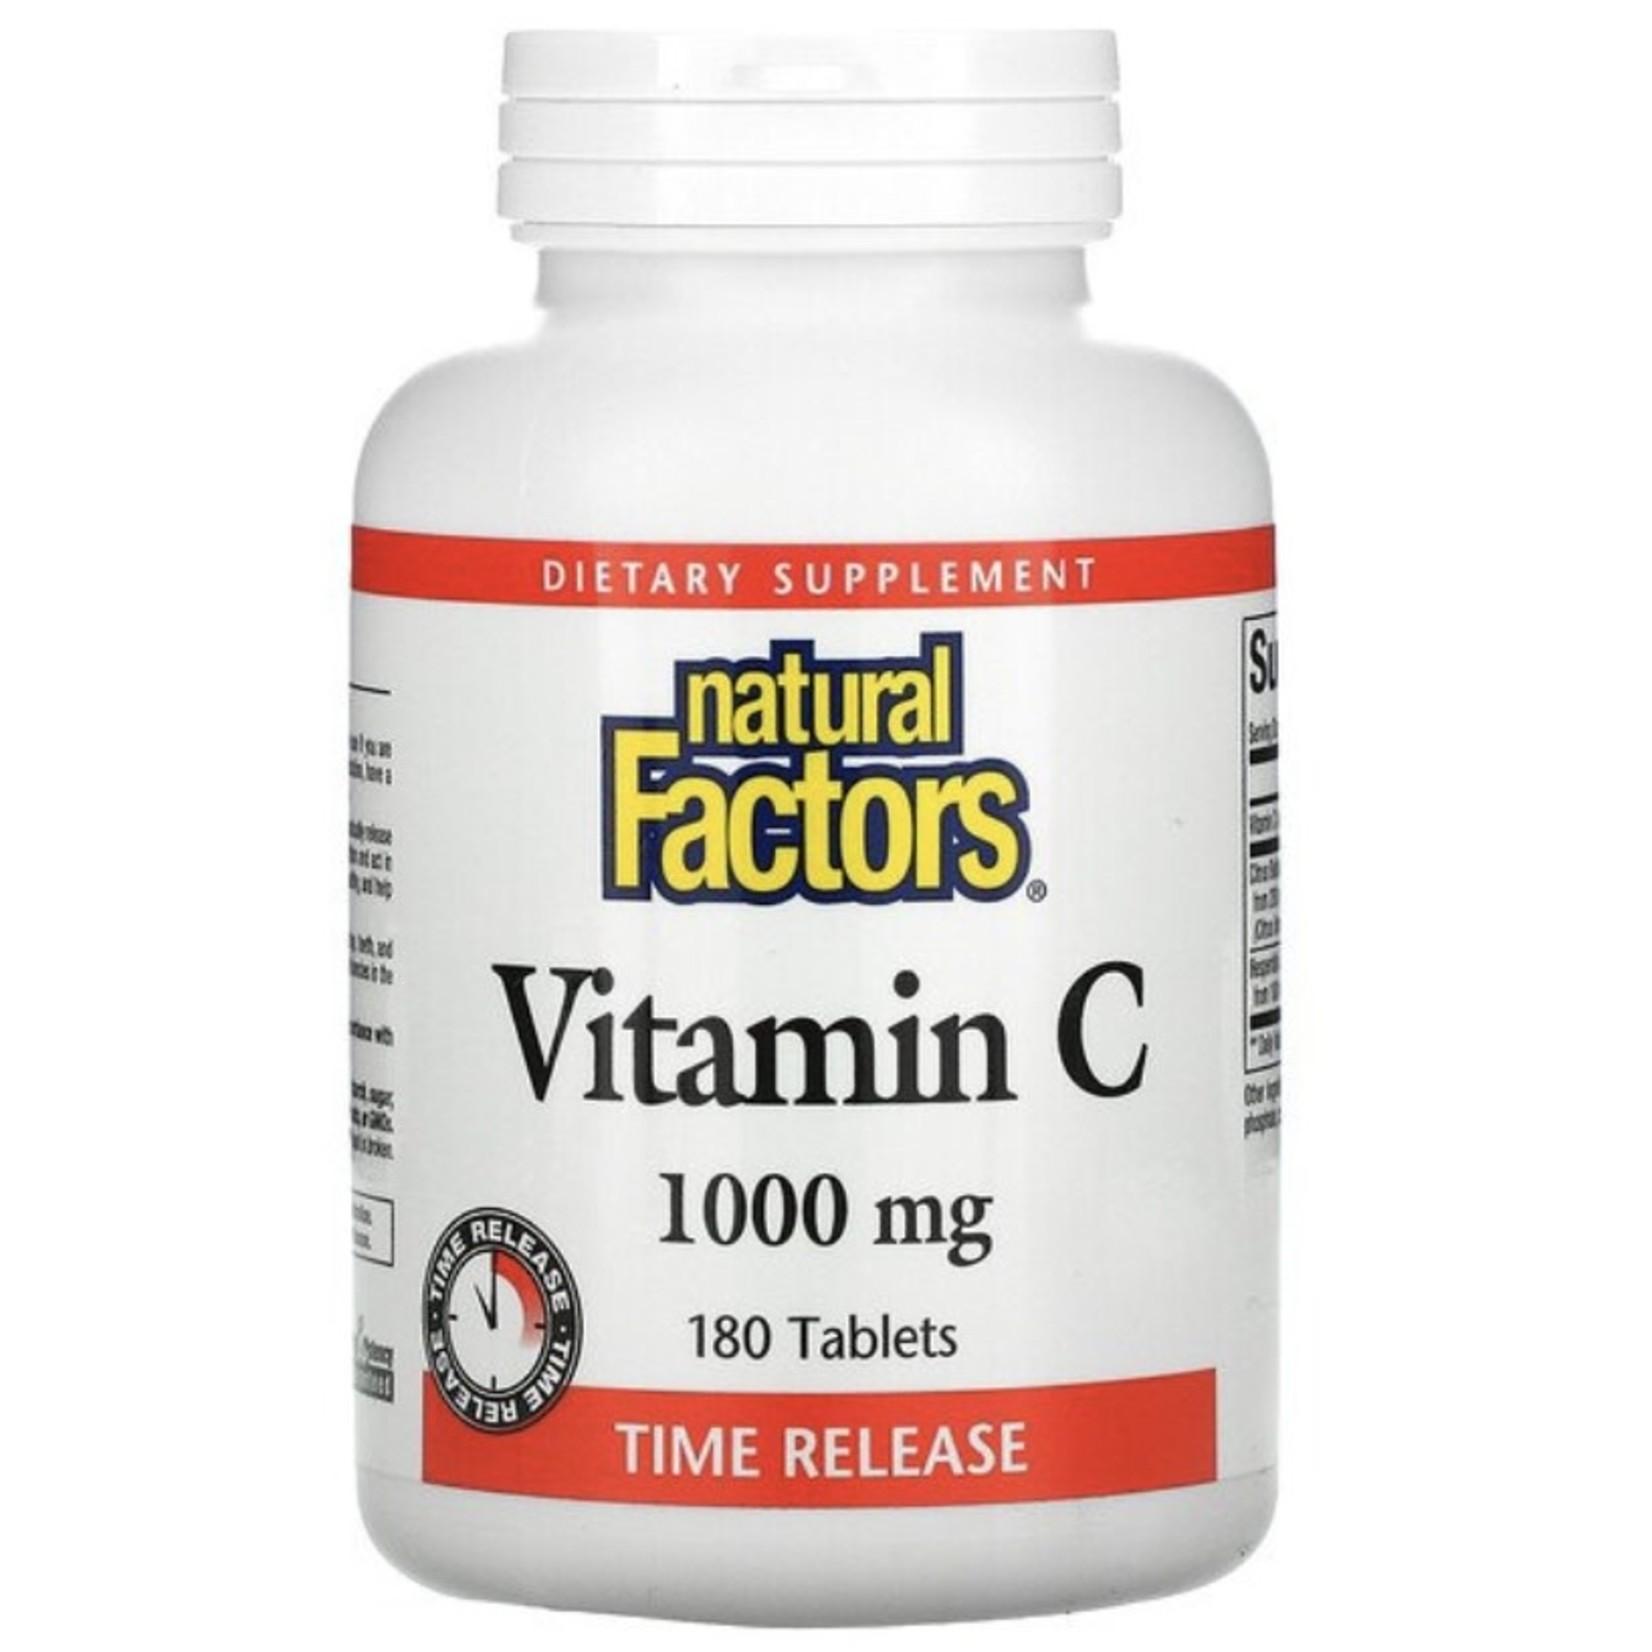 Natural Factors Natural Factors Vitamin C 1000mg 180 tabs